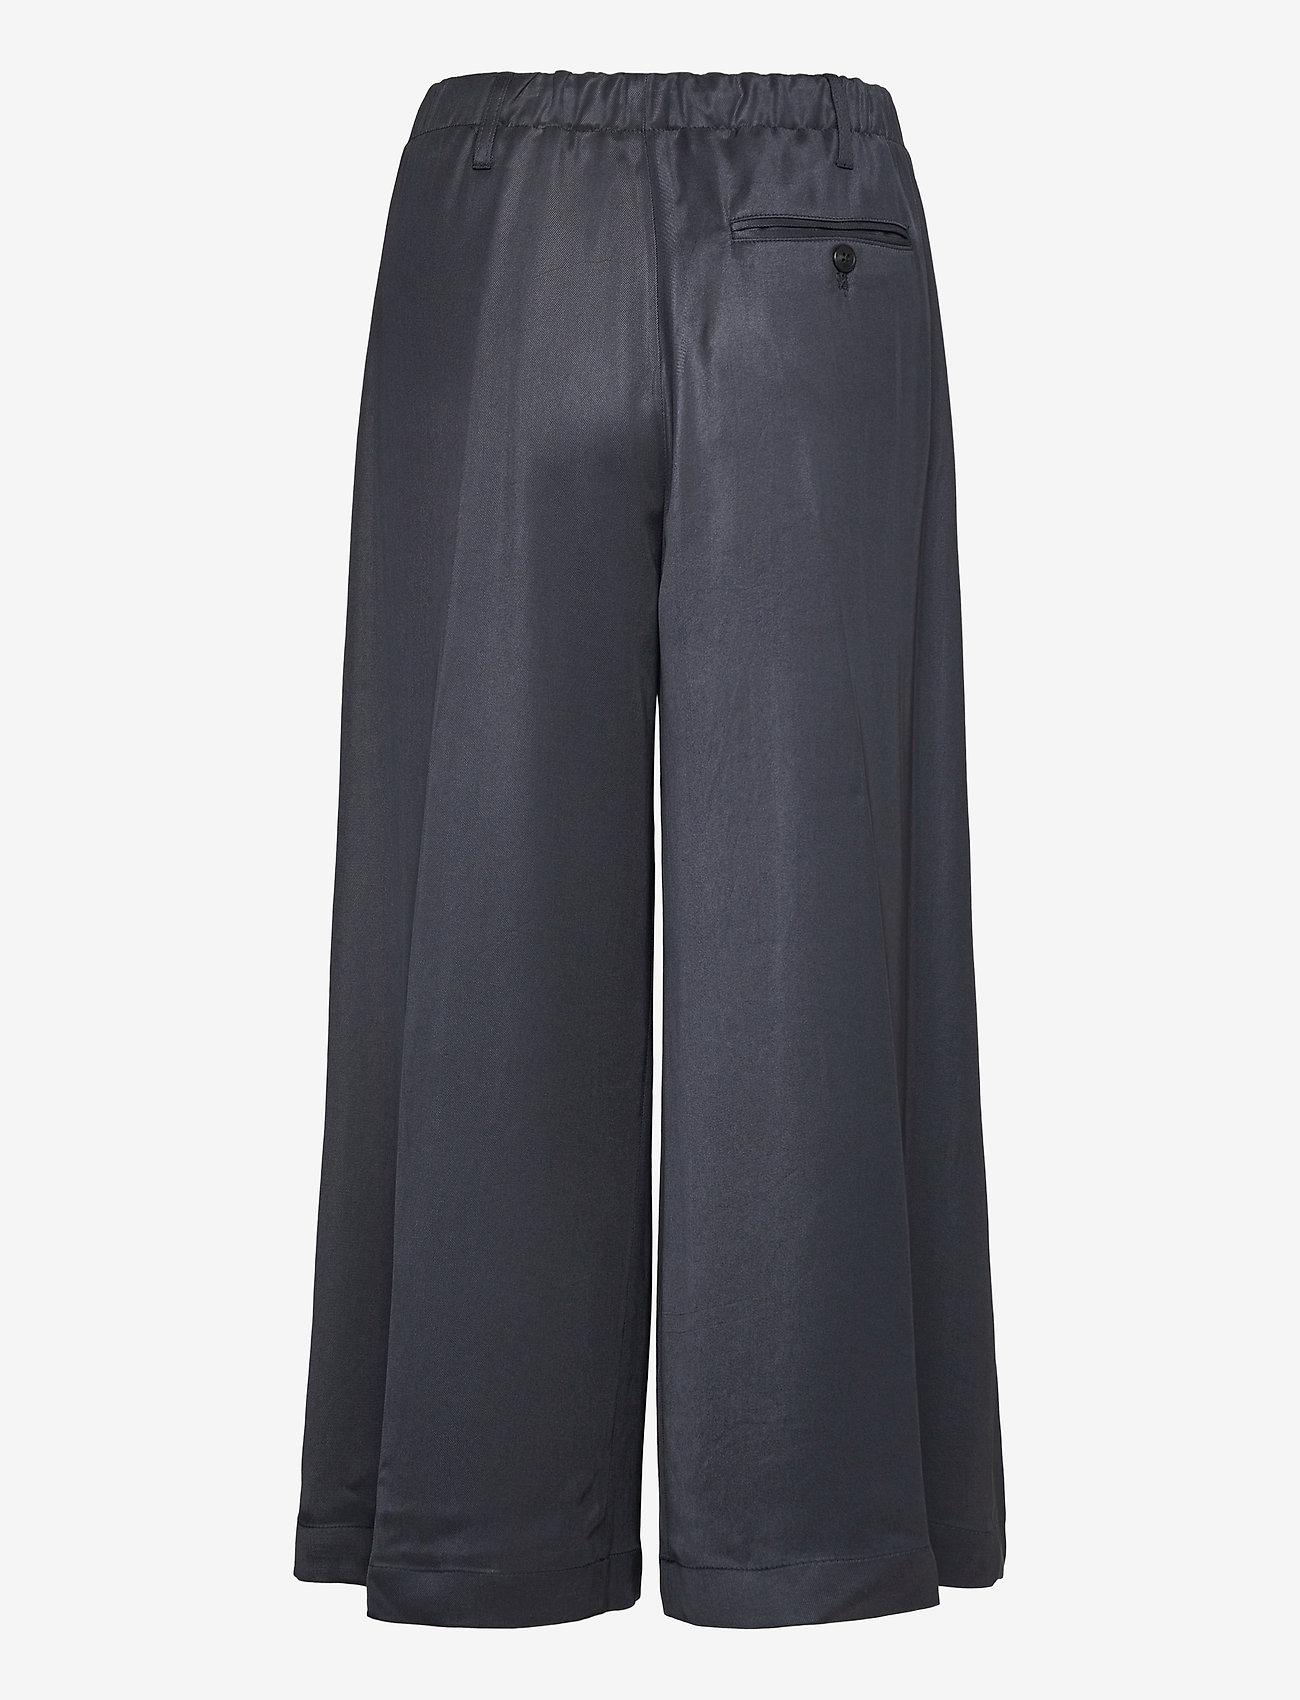 Closed - womens pant - bukser med brede ben - thunder sky - 1